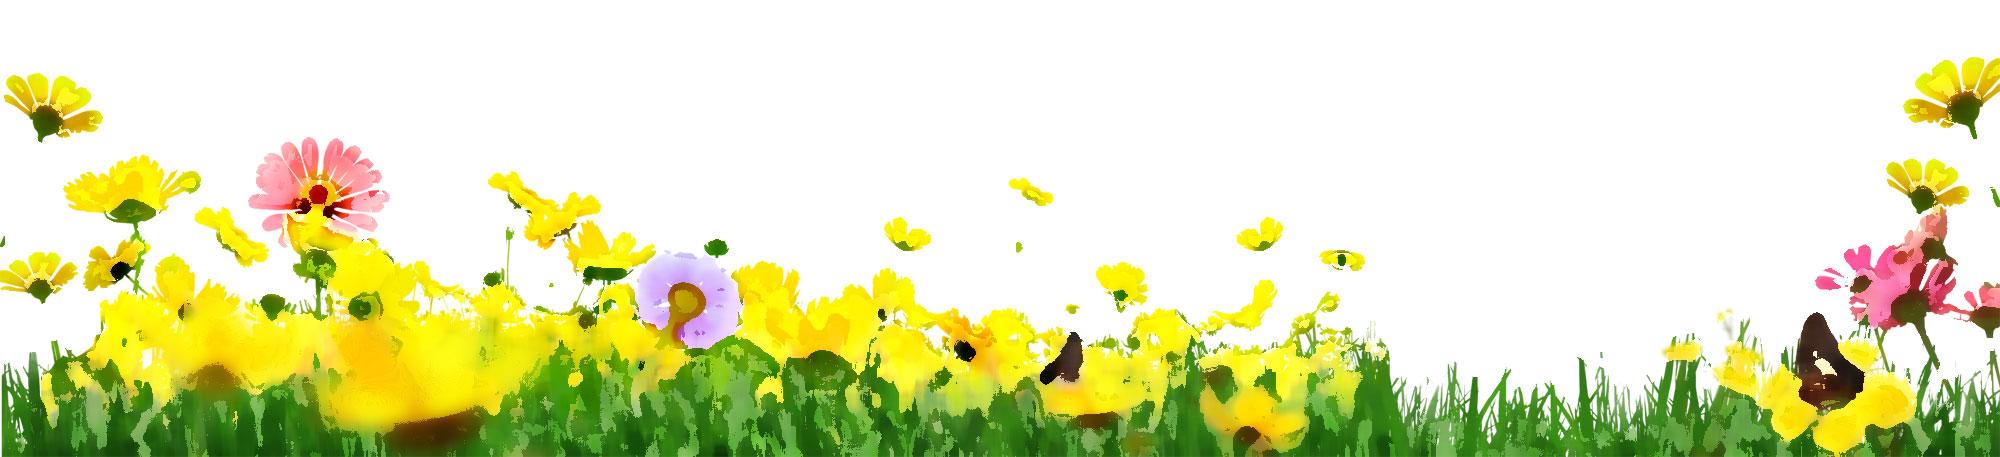 黄色い花のイラスト・フリー素材/no.187『花畑・草むら・蝶』